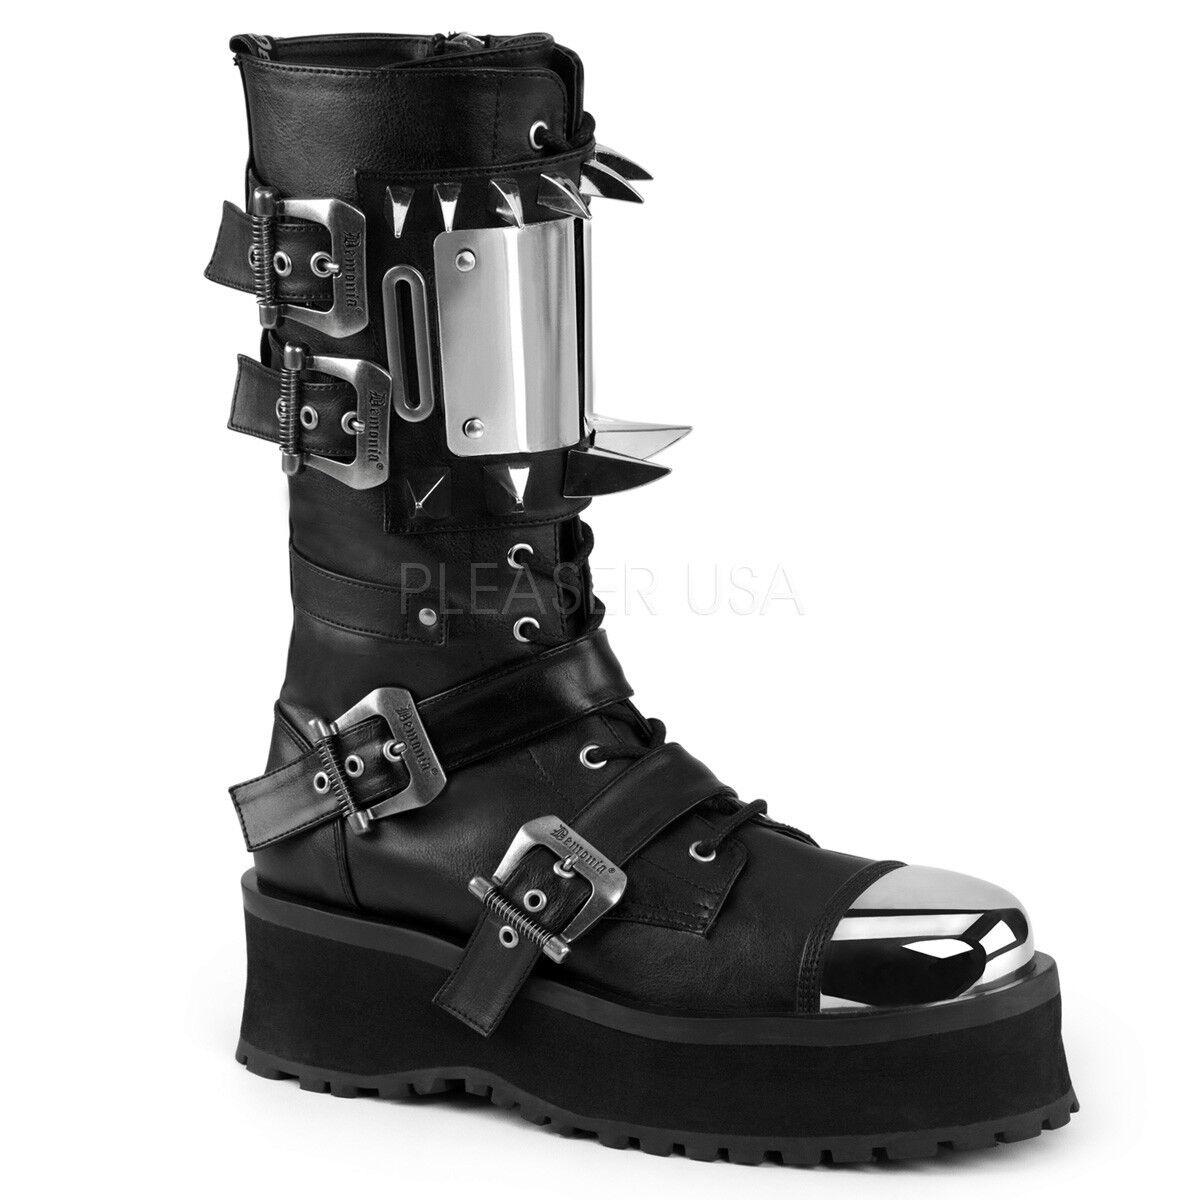 Demonia 2.75  Platform Black Grave Digger Spiked Boots 4 5 6 7 8 9 10 11 12 13